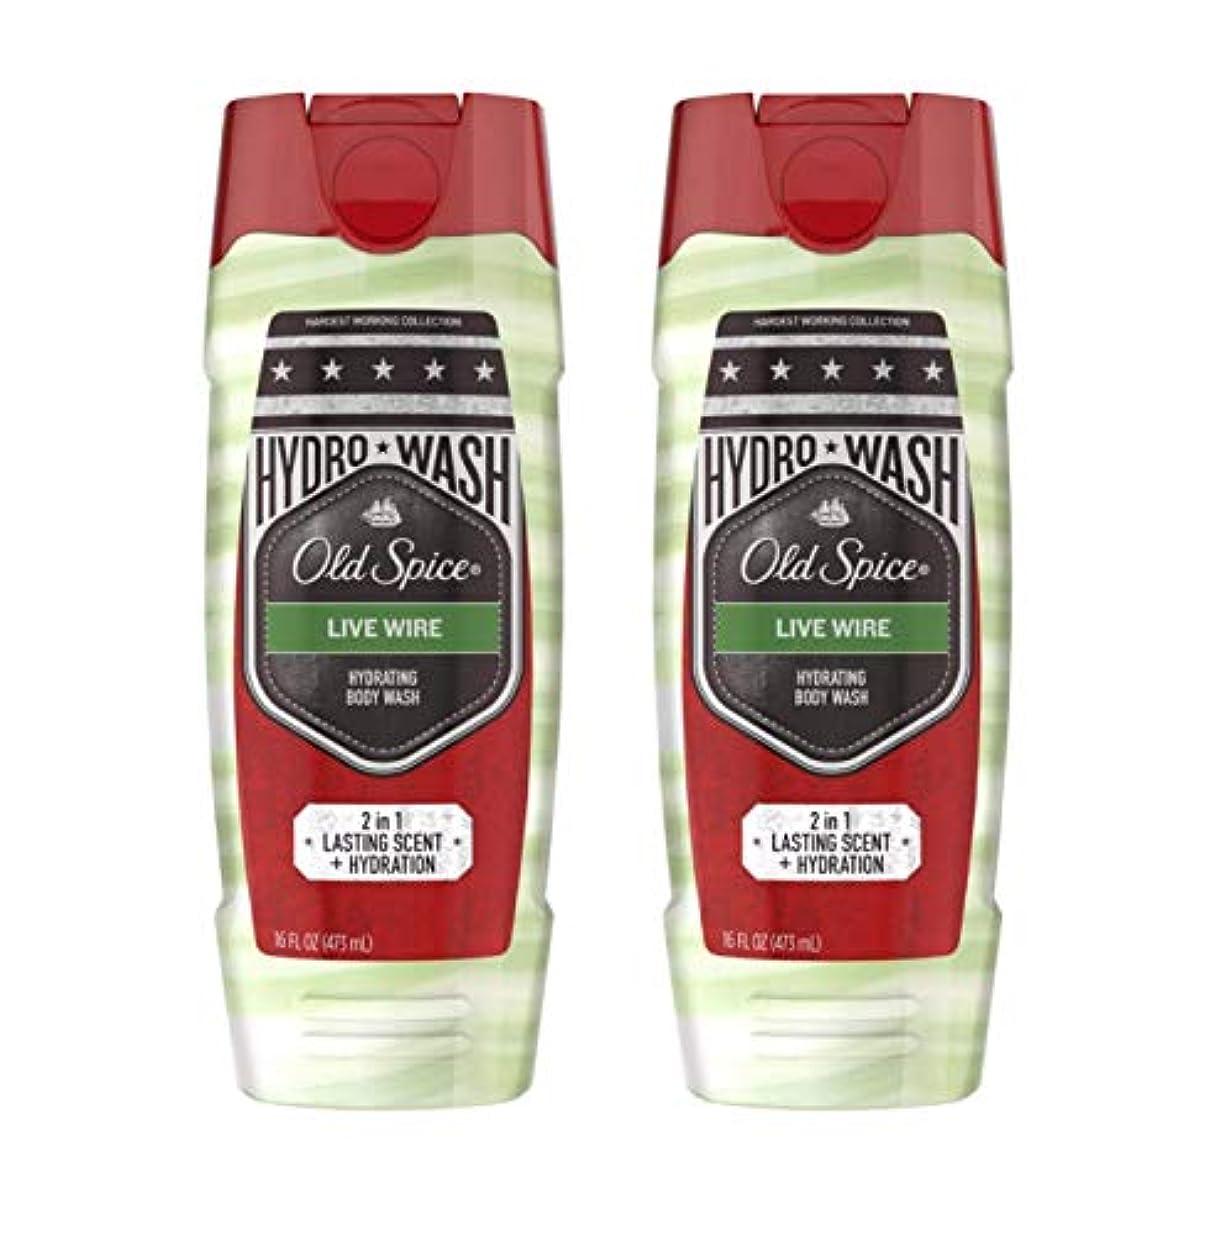 Old Spíce オールドスパイスハイドレイティングボディウォッシュ - ハーデスト?ワーキングコレクション - ライブワイヤー - ネット重量。ボトルあたり16液量オンス(473 ml)を - 2本のボトルのパック